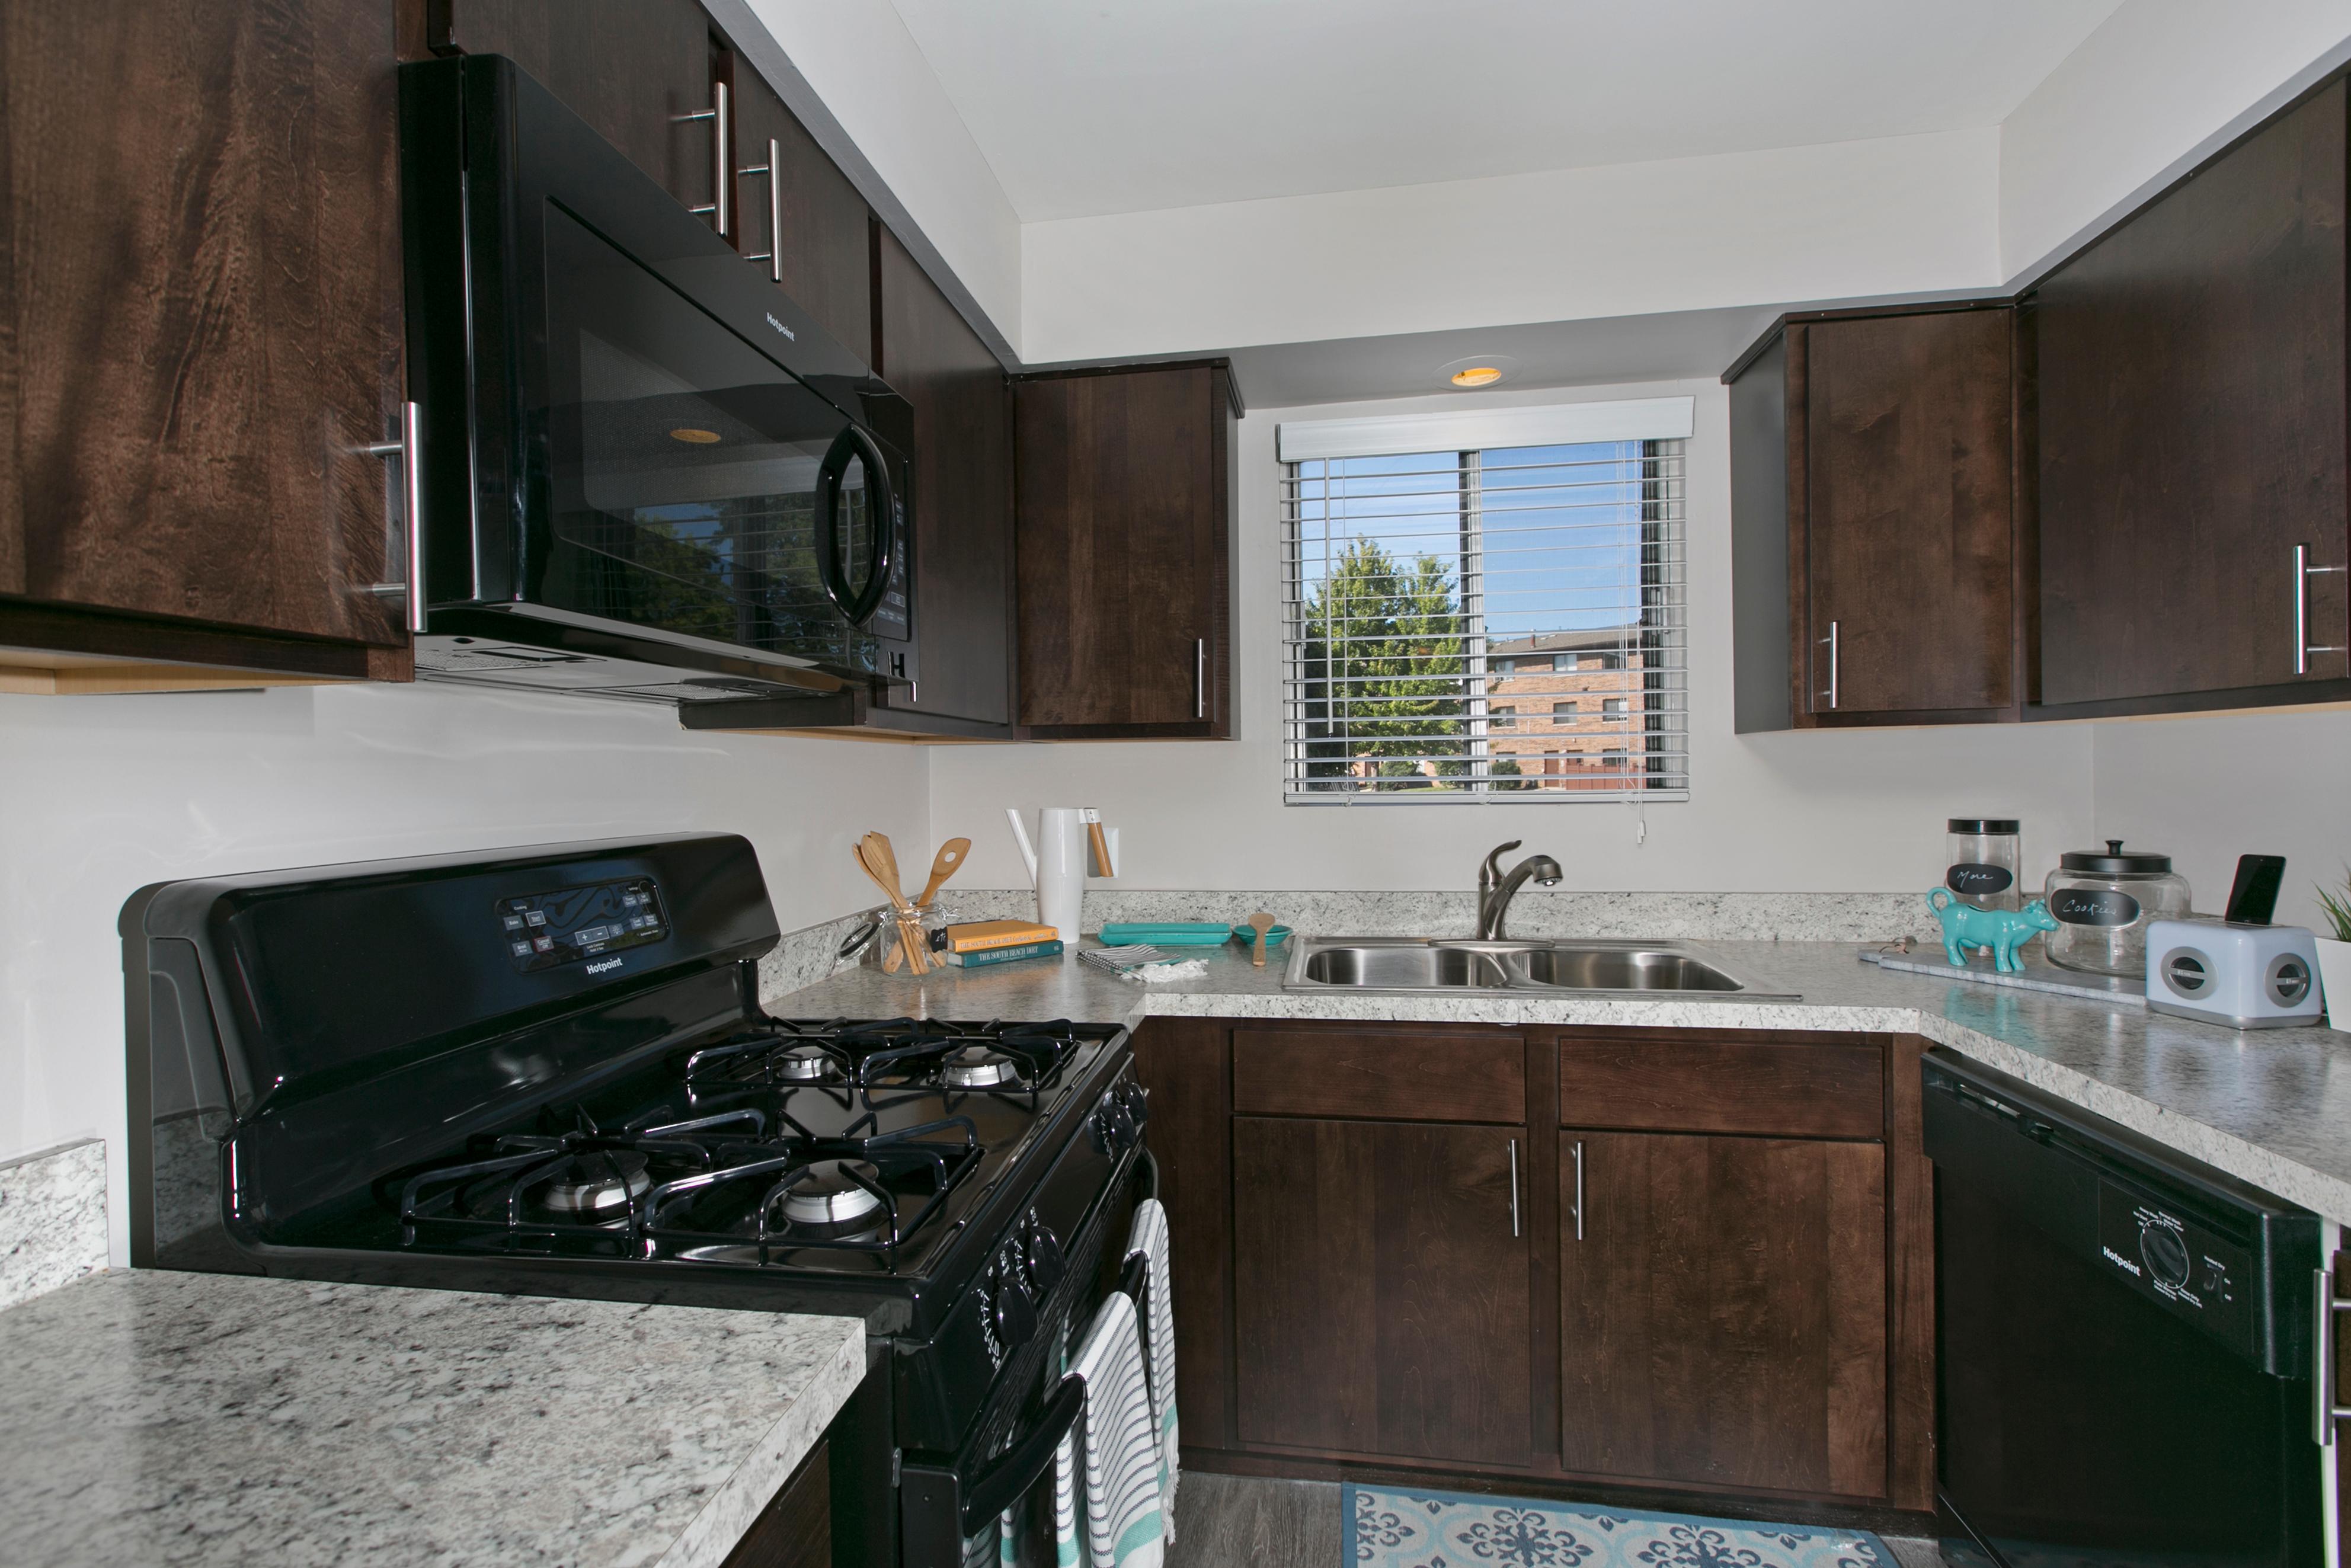 Westmont Village Apartments image 15